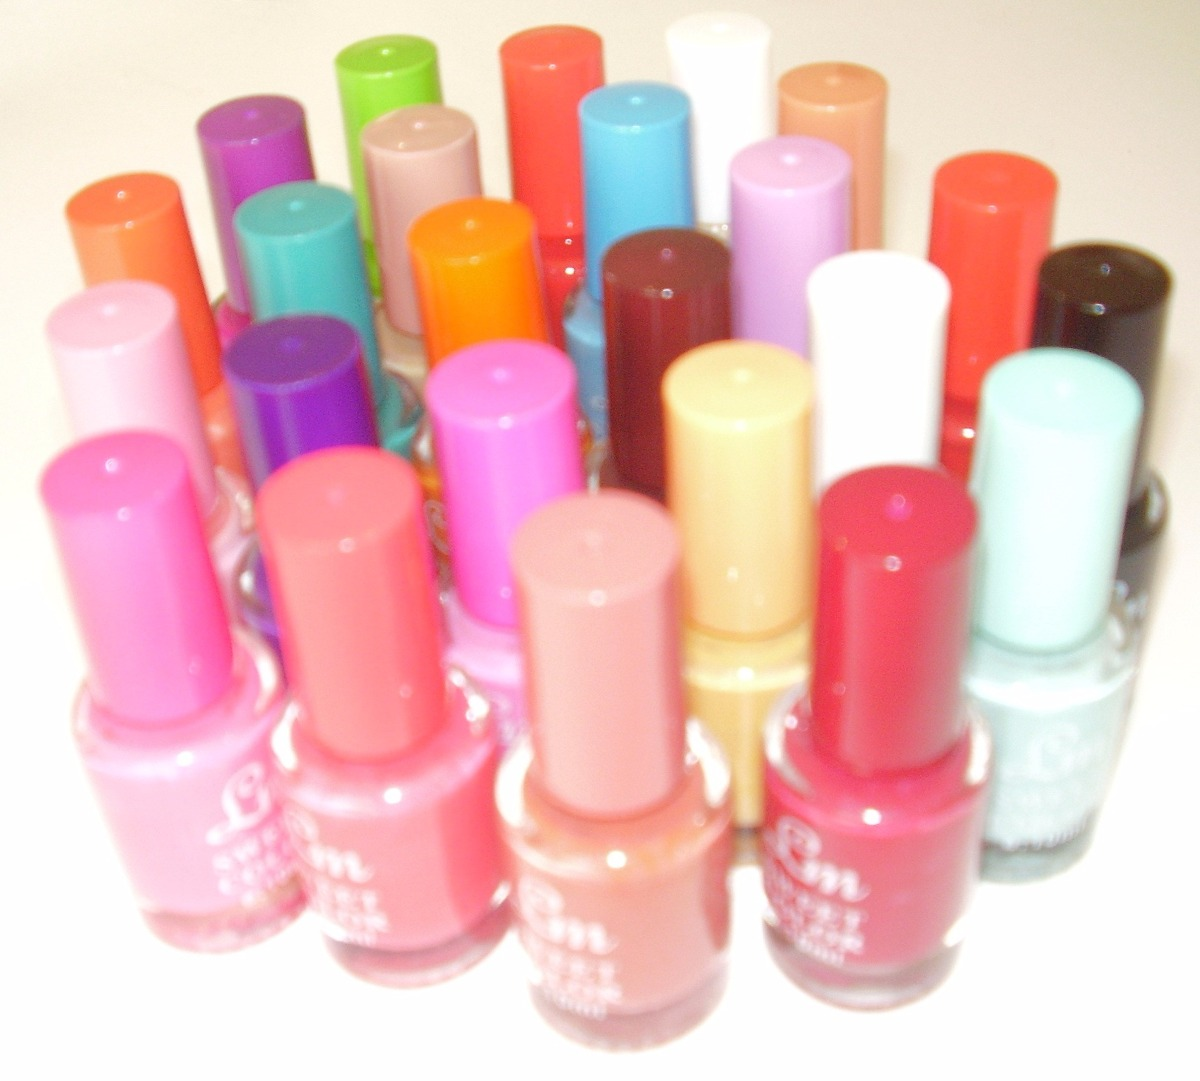 Conoce los Productos de Belleza e Higiene que manejamos en nuestra marca NUVEL. ¡Conócelos!